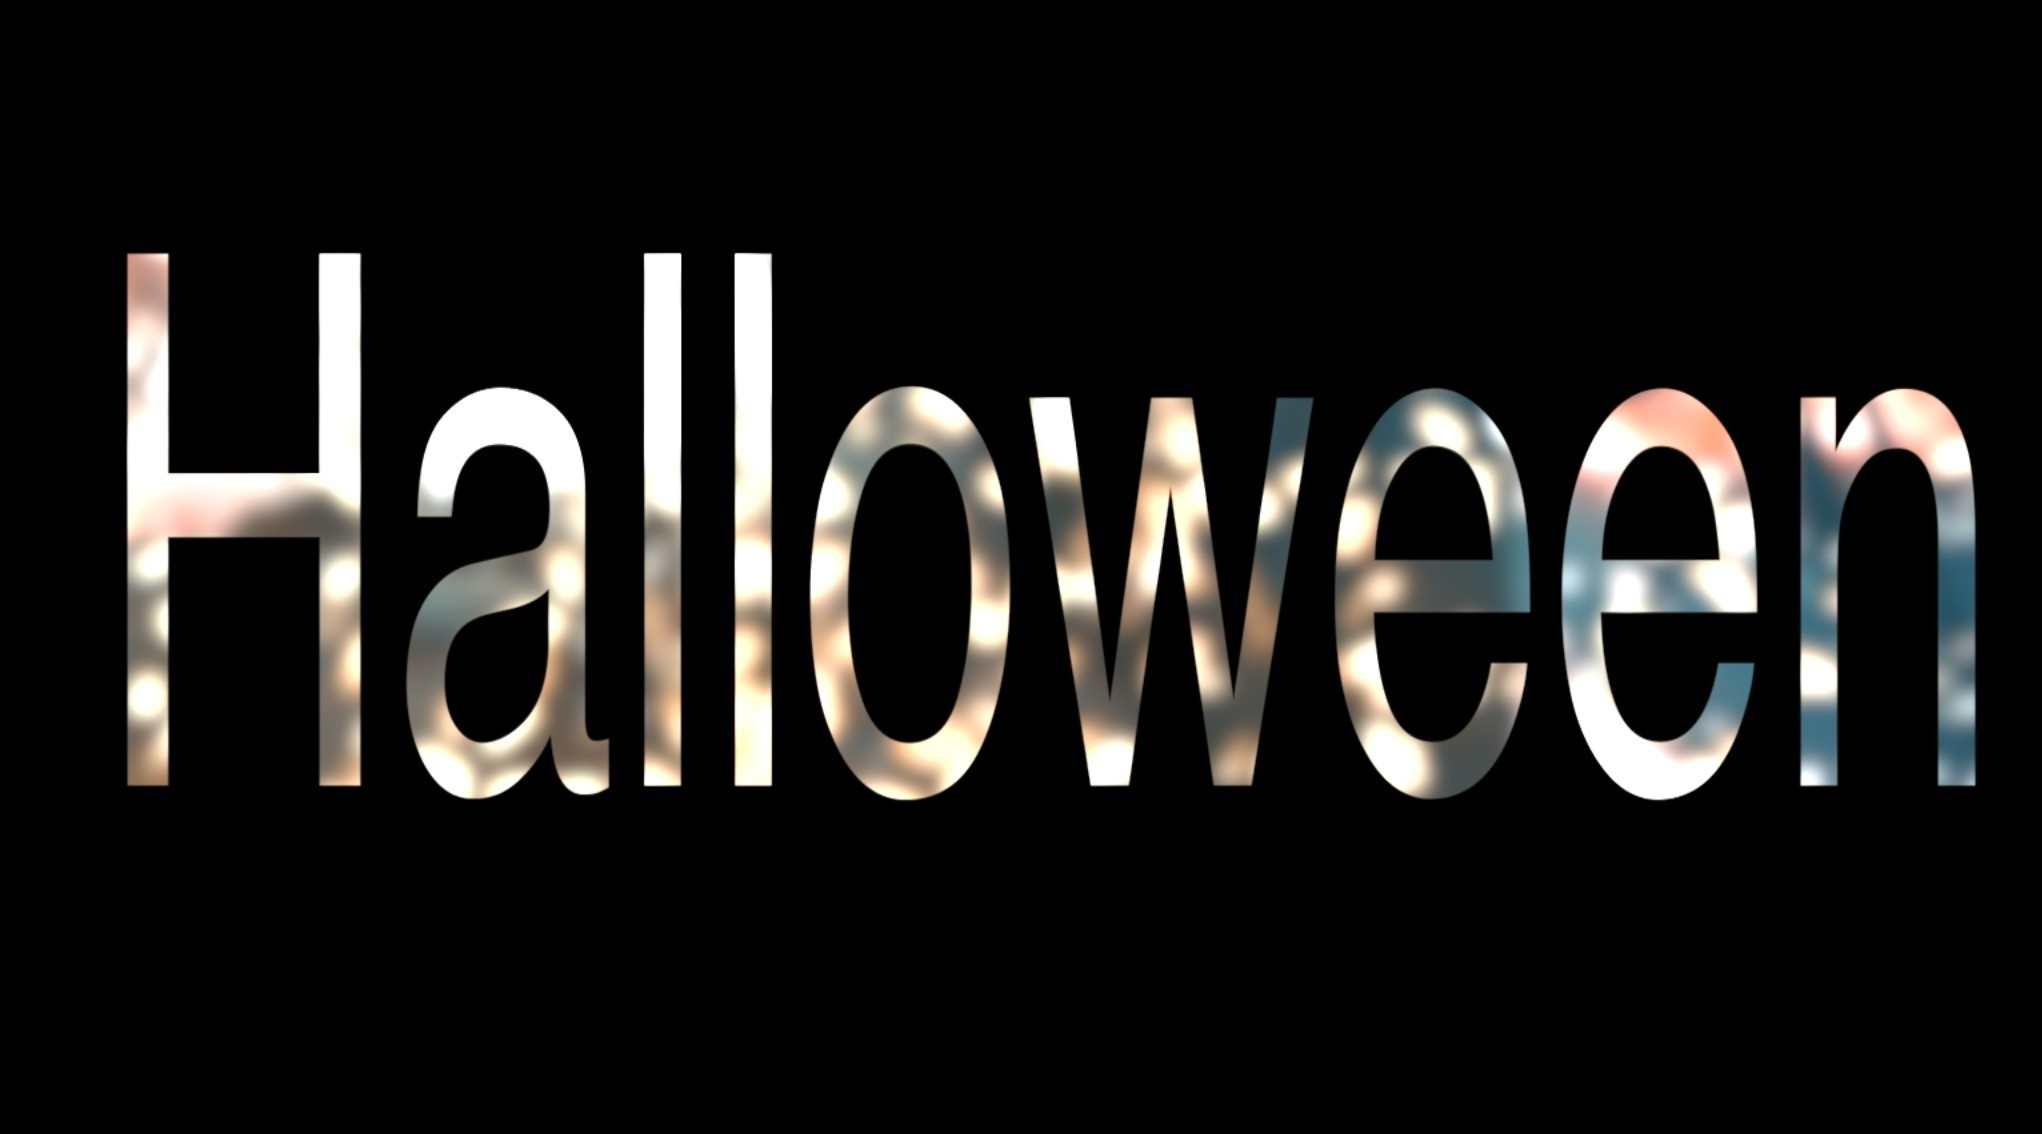 太原奥斯卡 Halloween